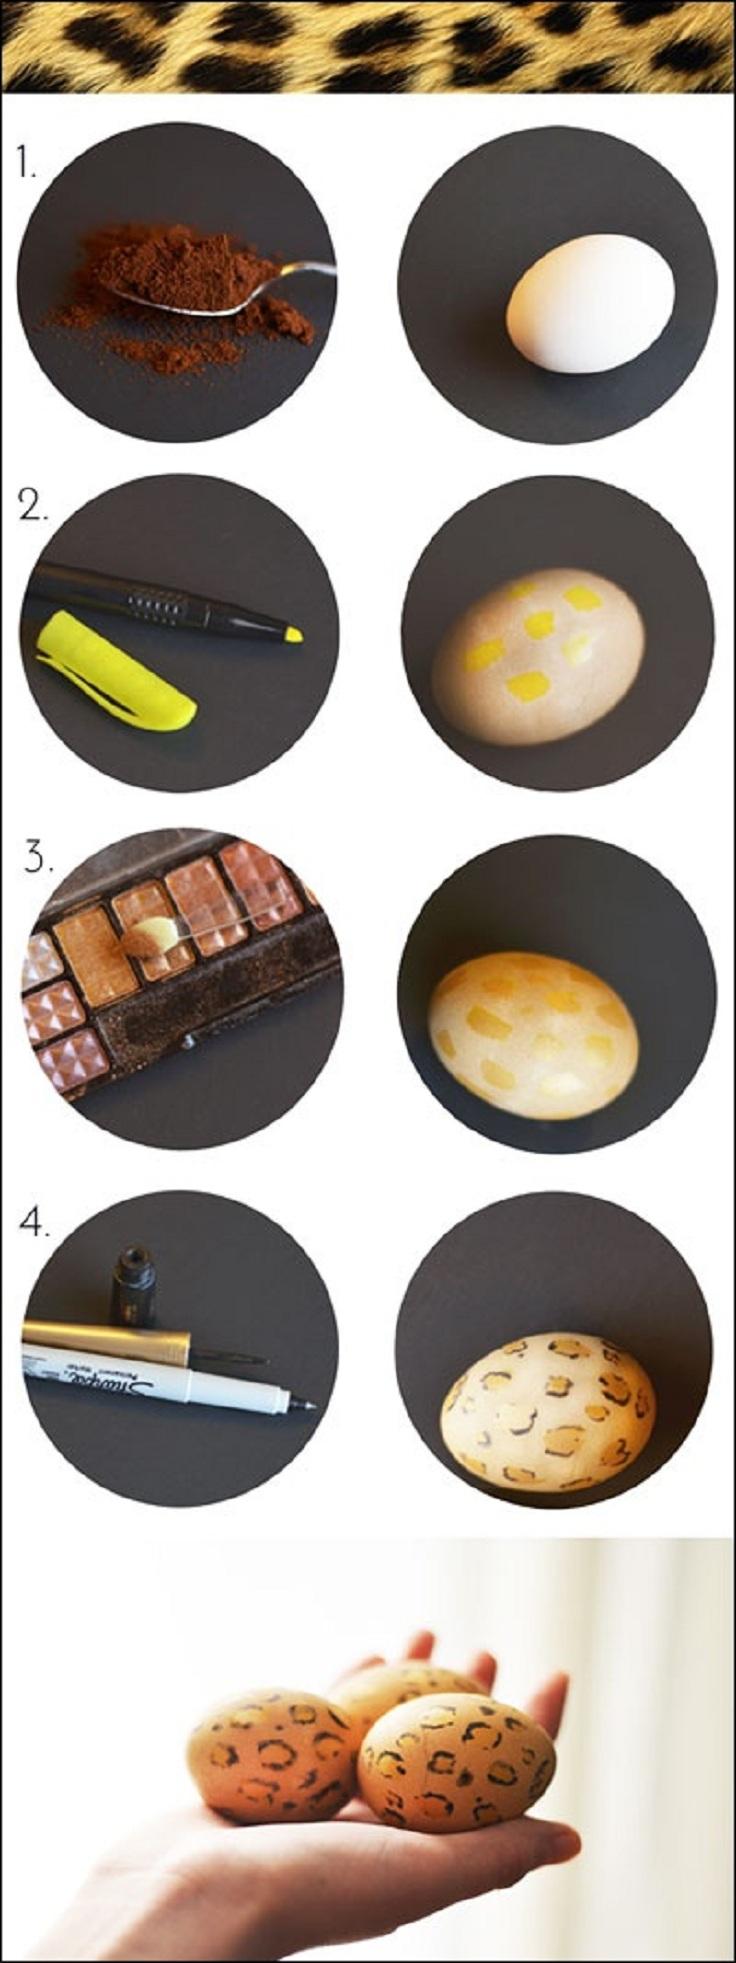 Top 10 Best Easter Egg Tutorials